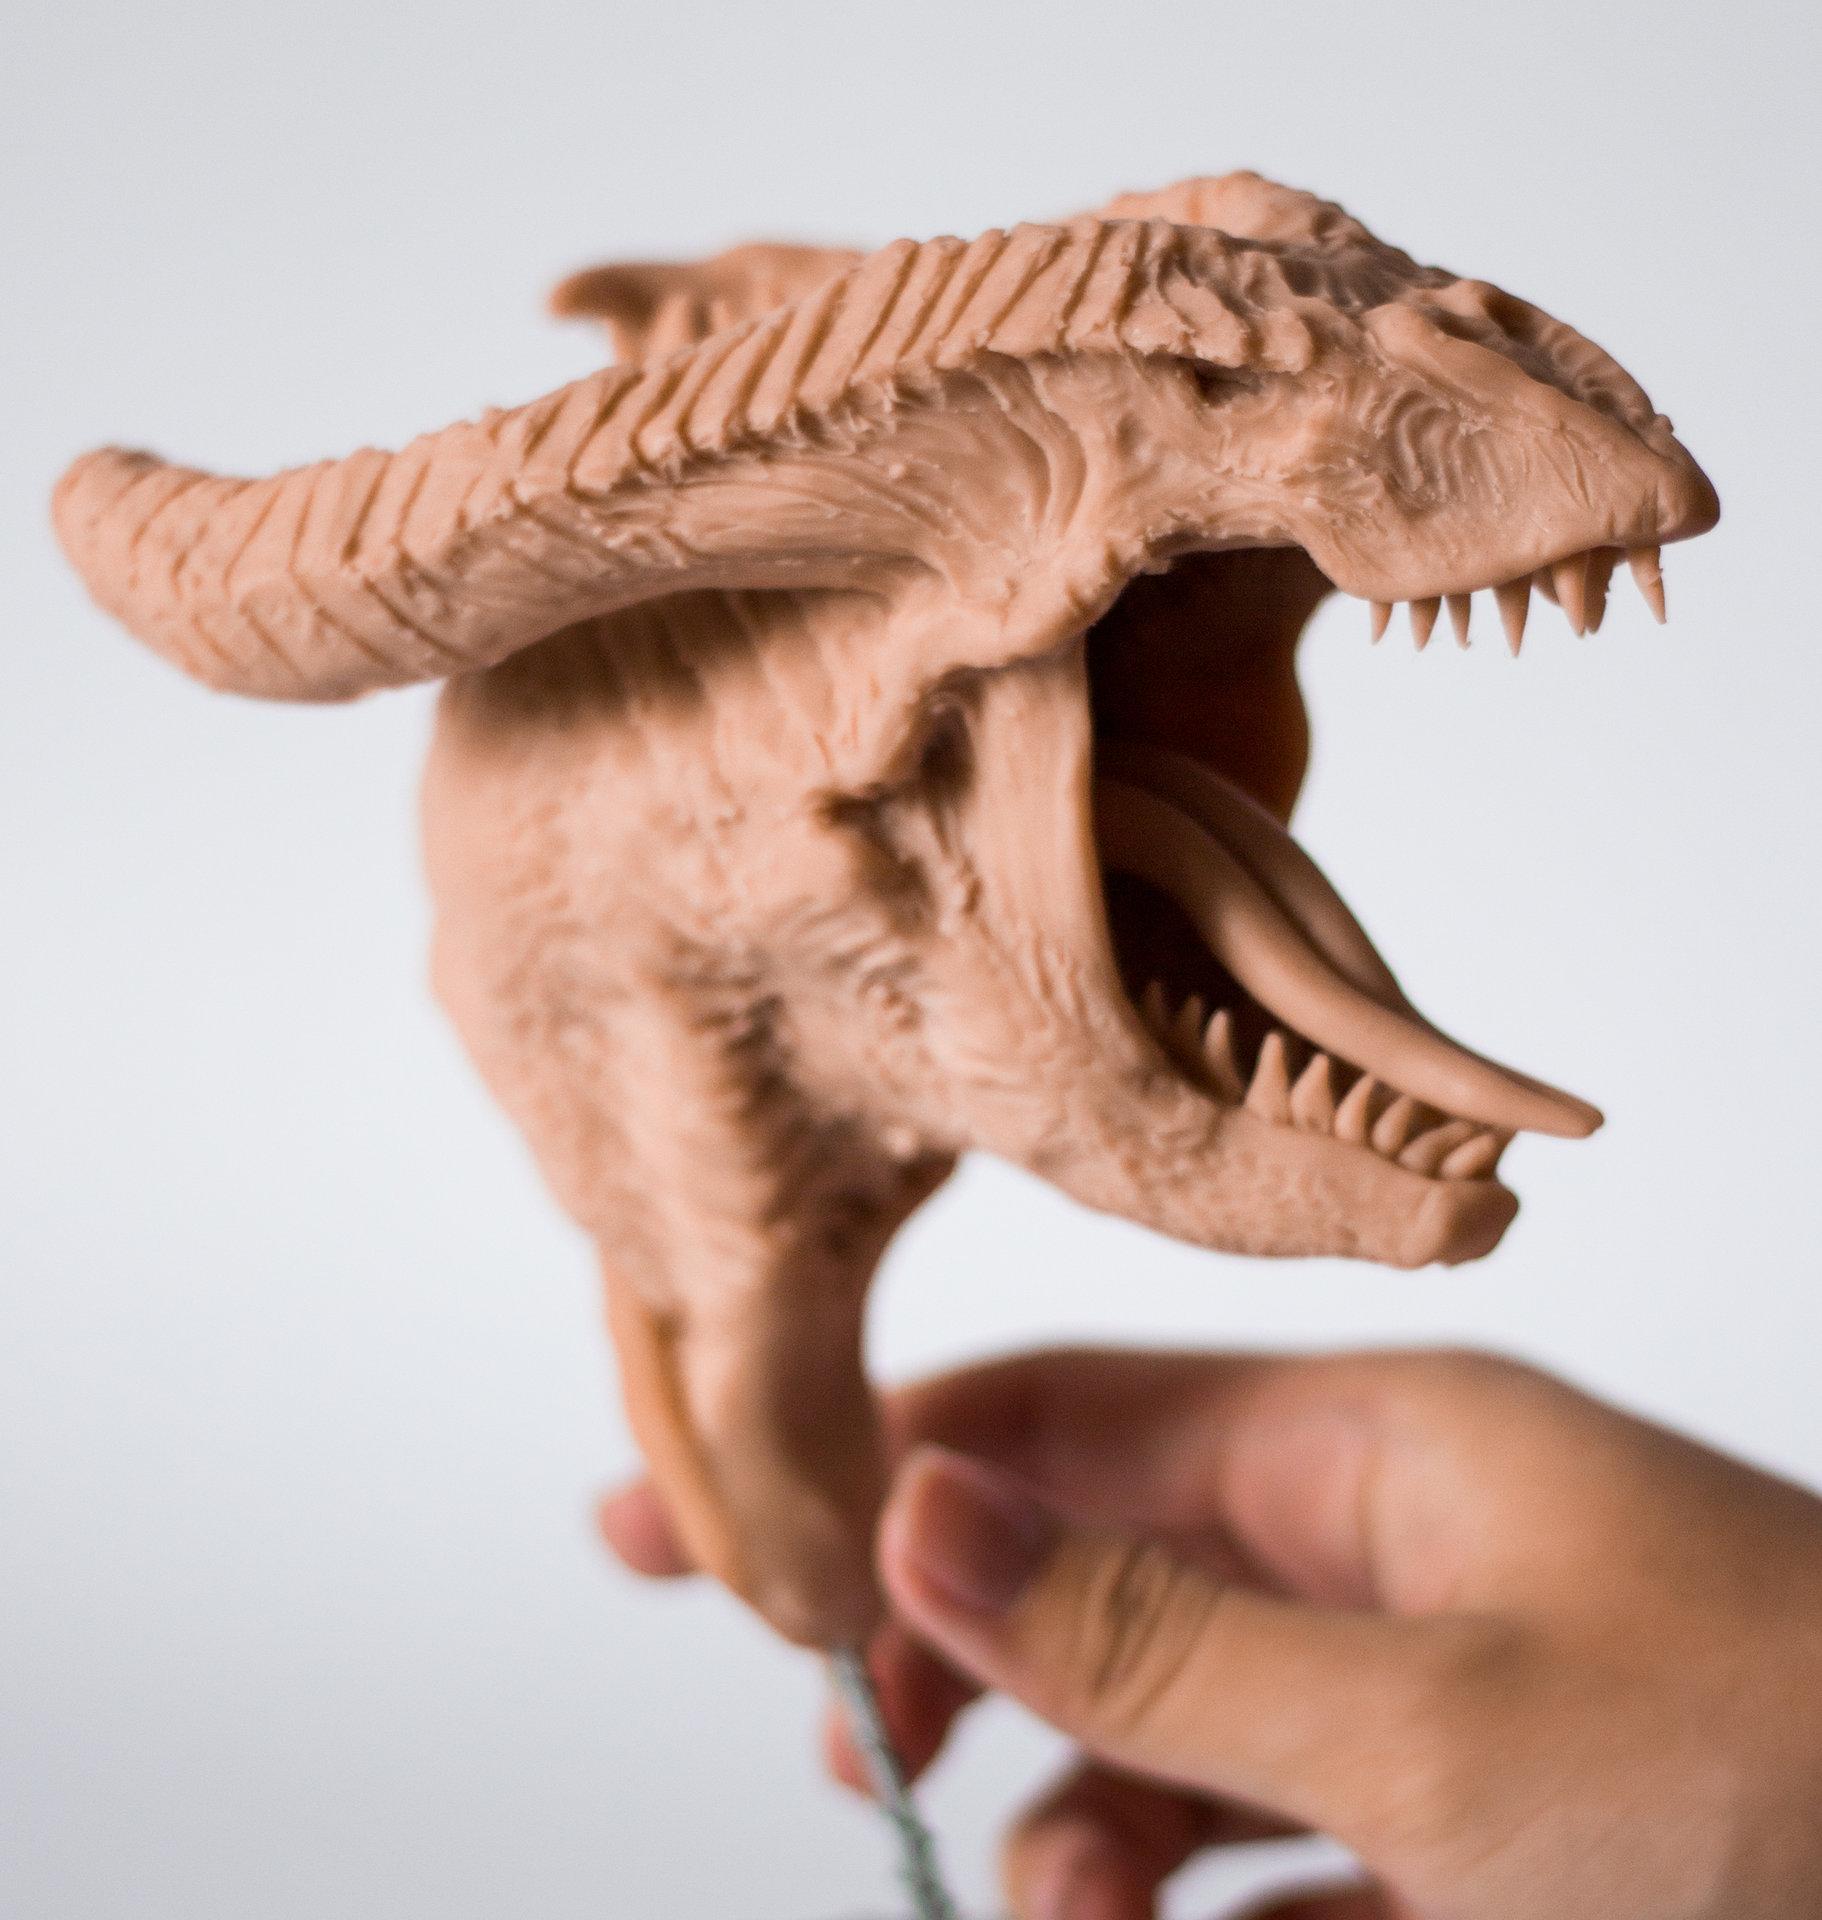 Jian han ng main sculpt